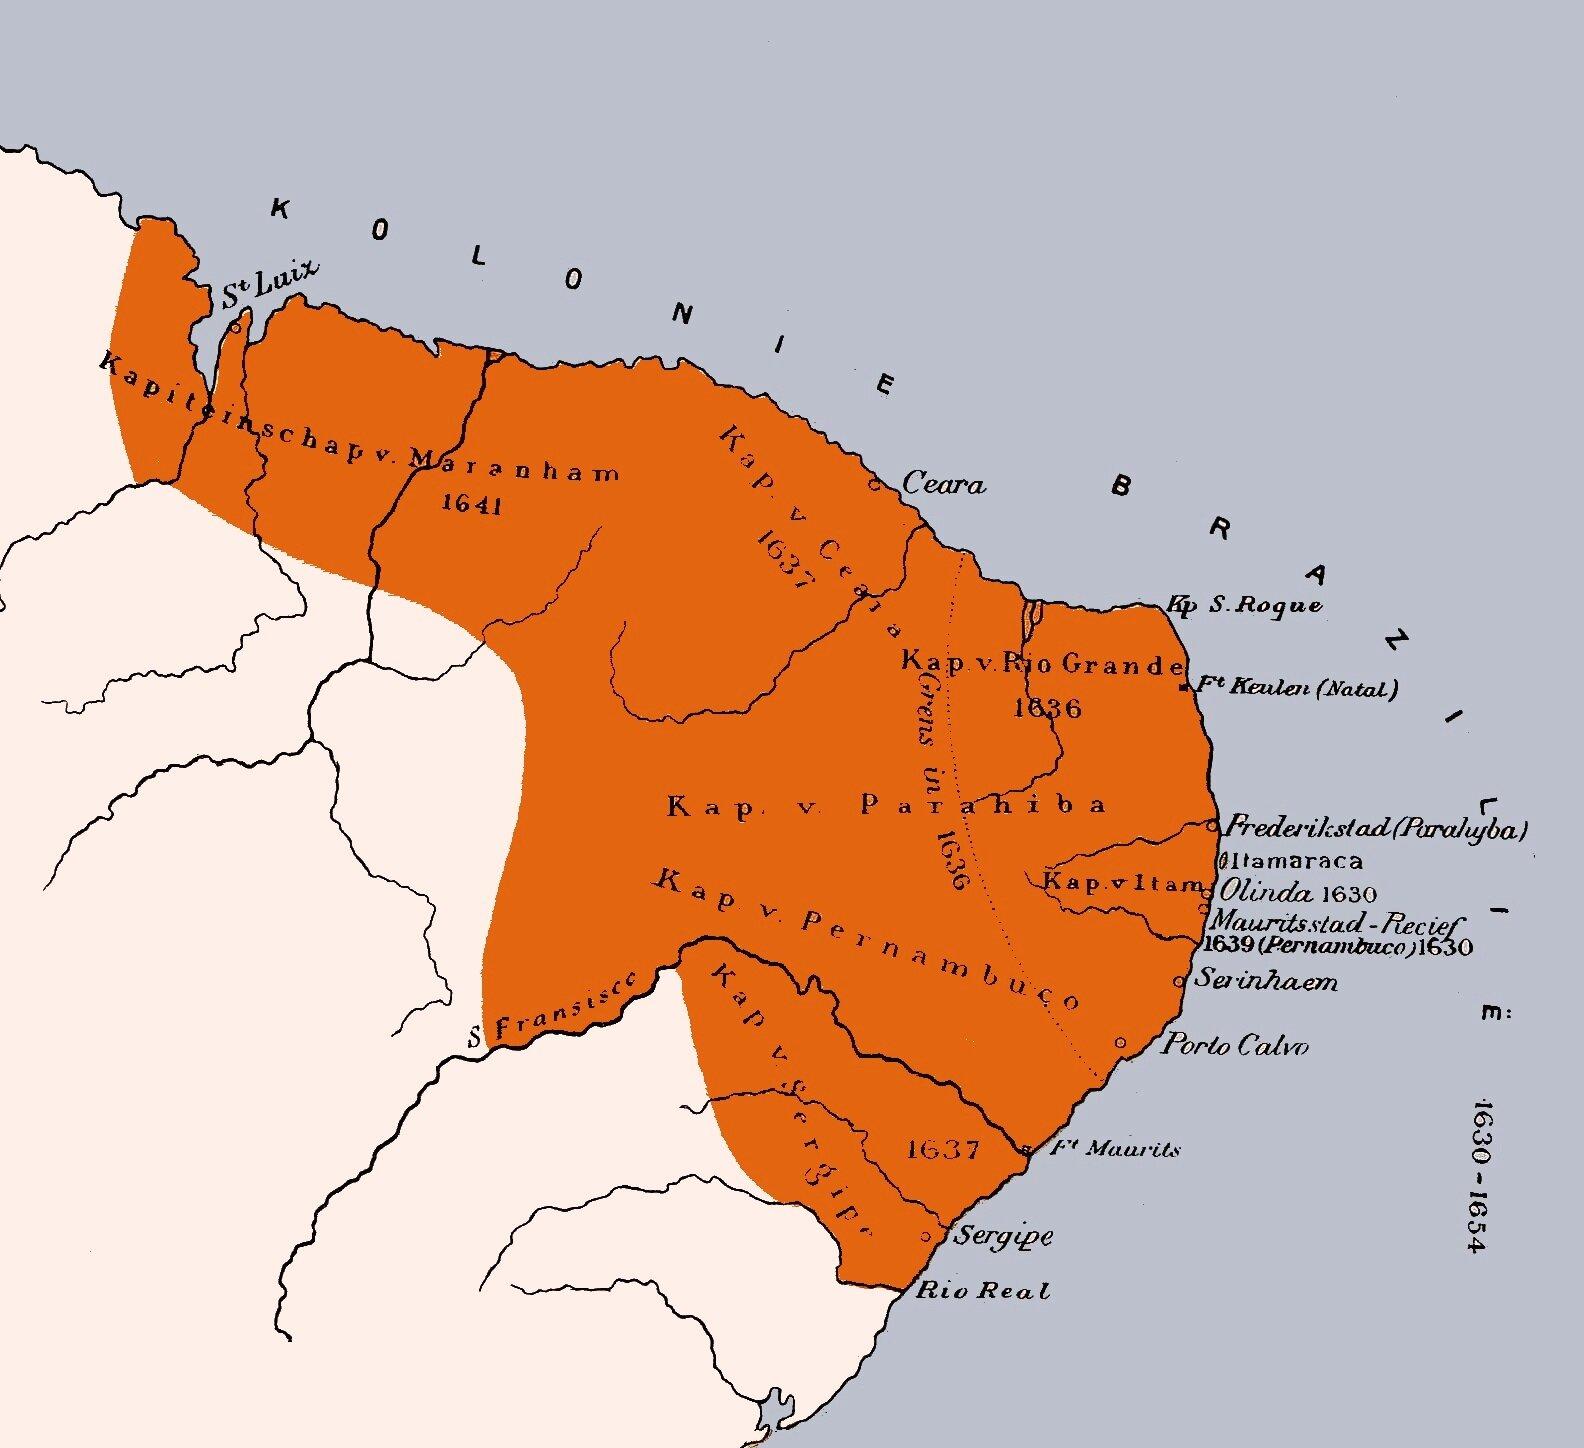 Extensão do território dominado pela Holanda.